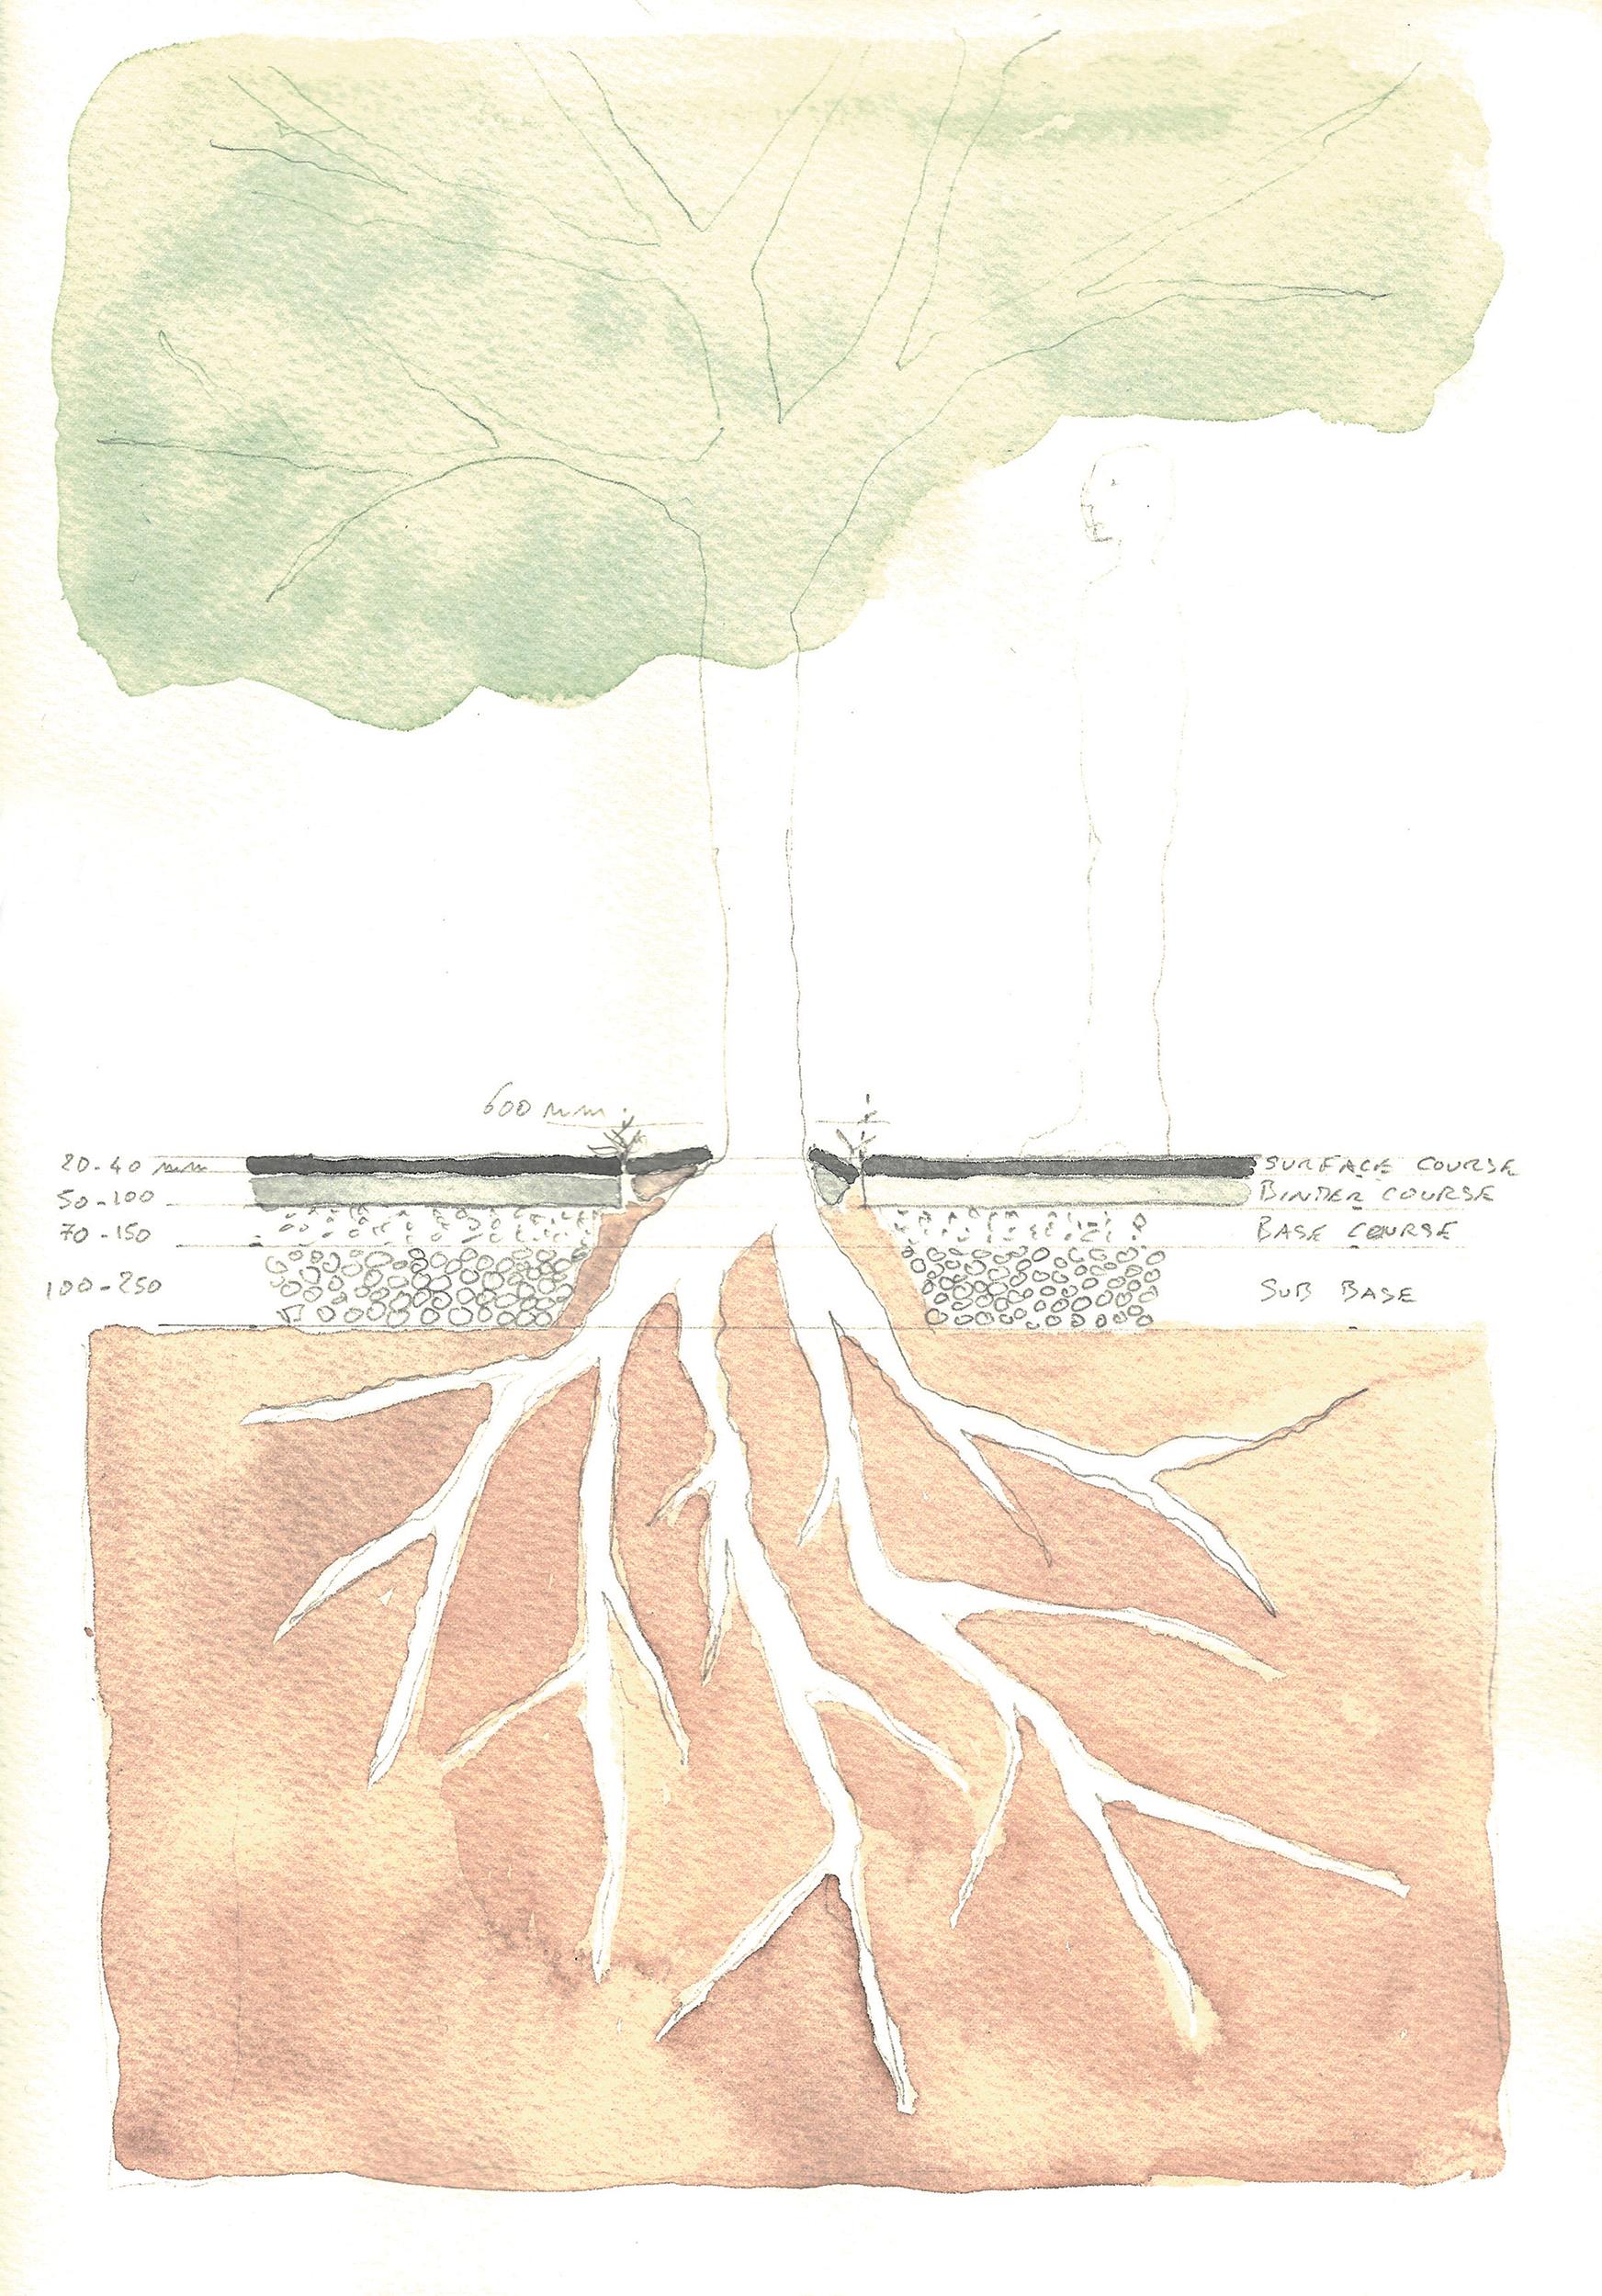 Tree planting detail through existing tarmac